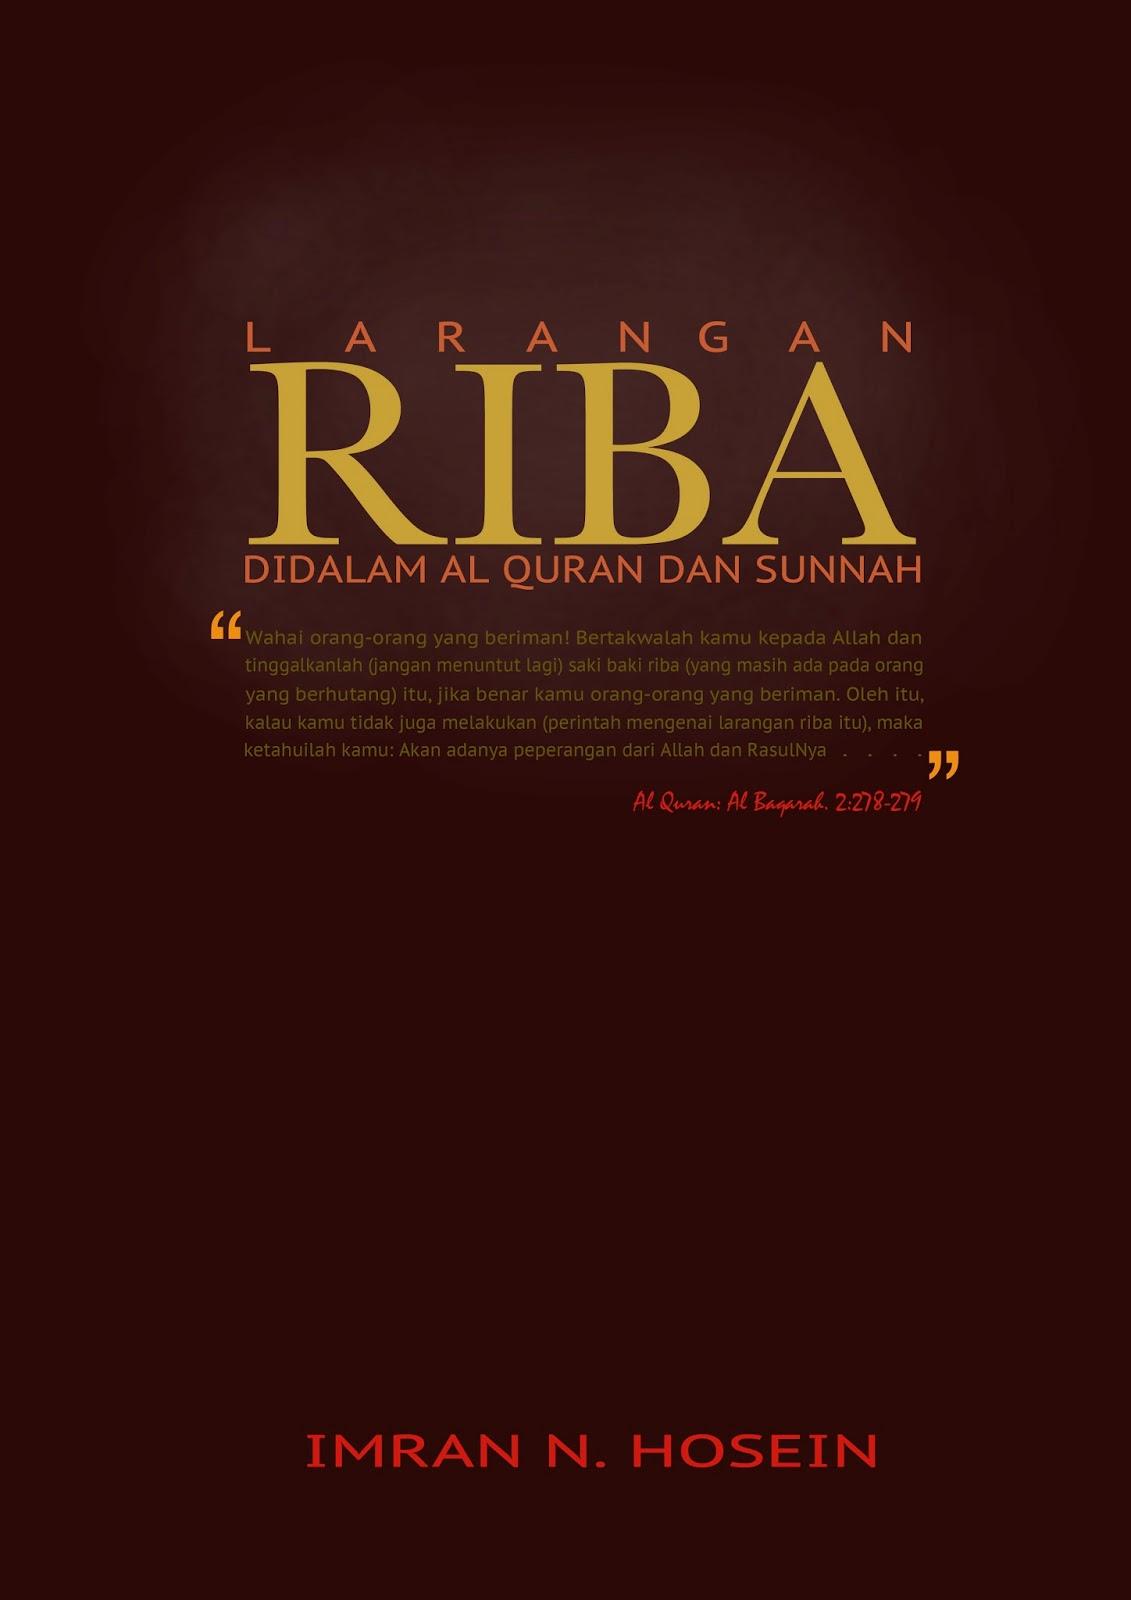 Larangan Riba Didalam Quran & Sunnah